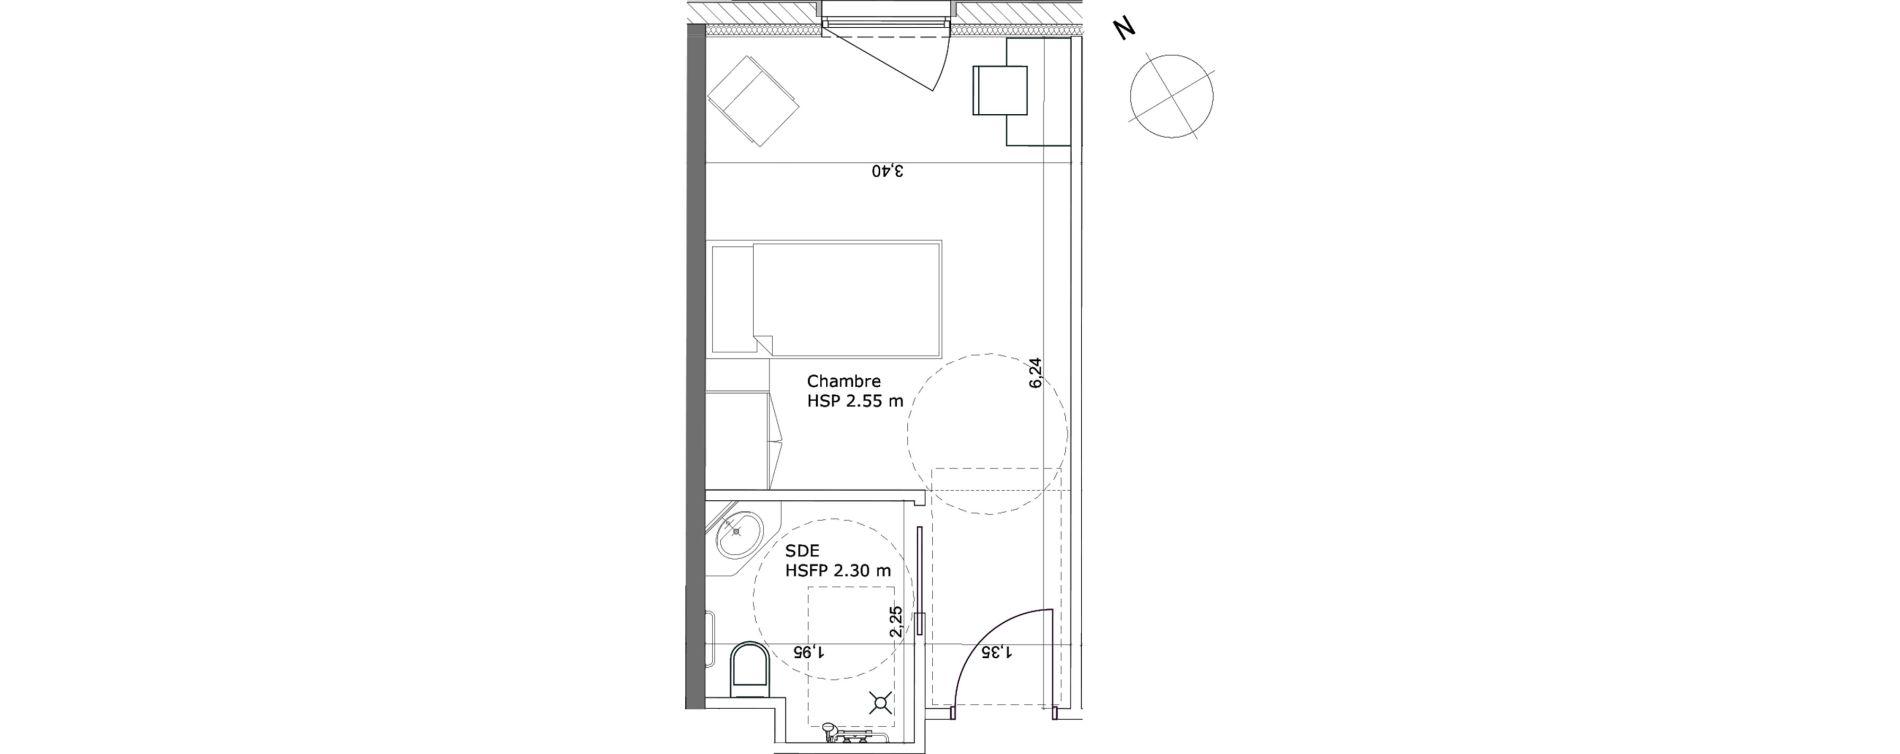 Chambre de 21,10 m2 à Ibos Centre